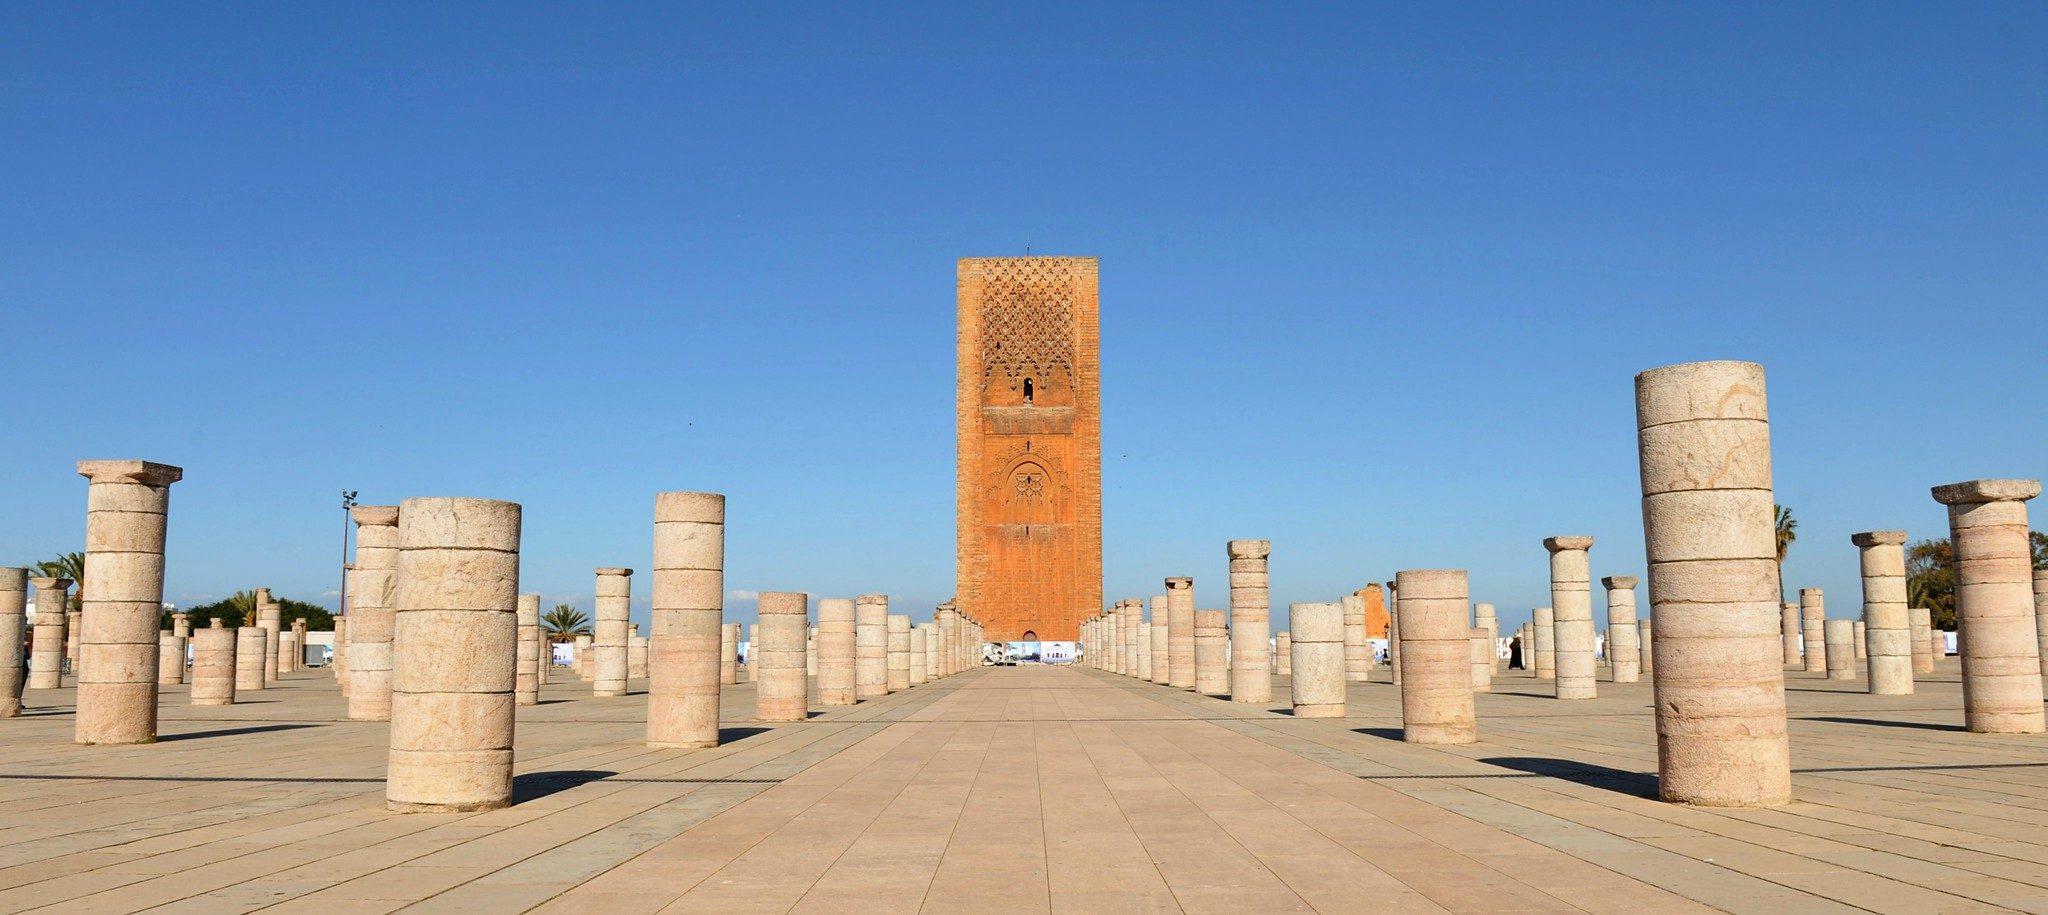 14 Días - Desde Casablanca por Marruecos